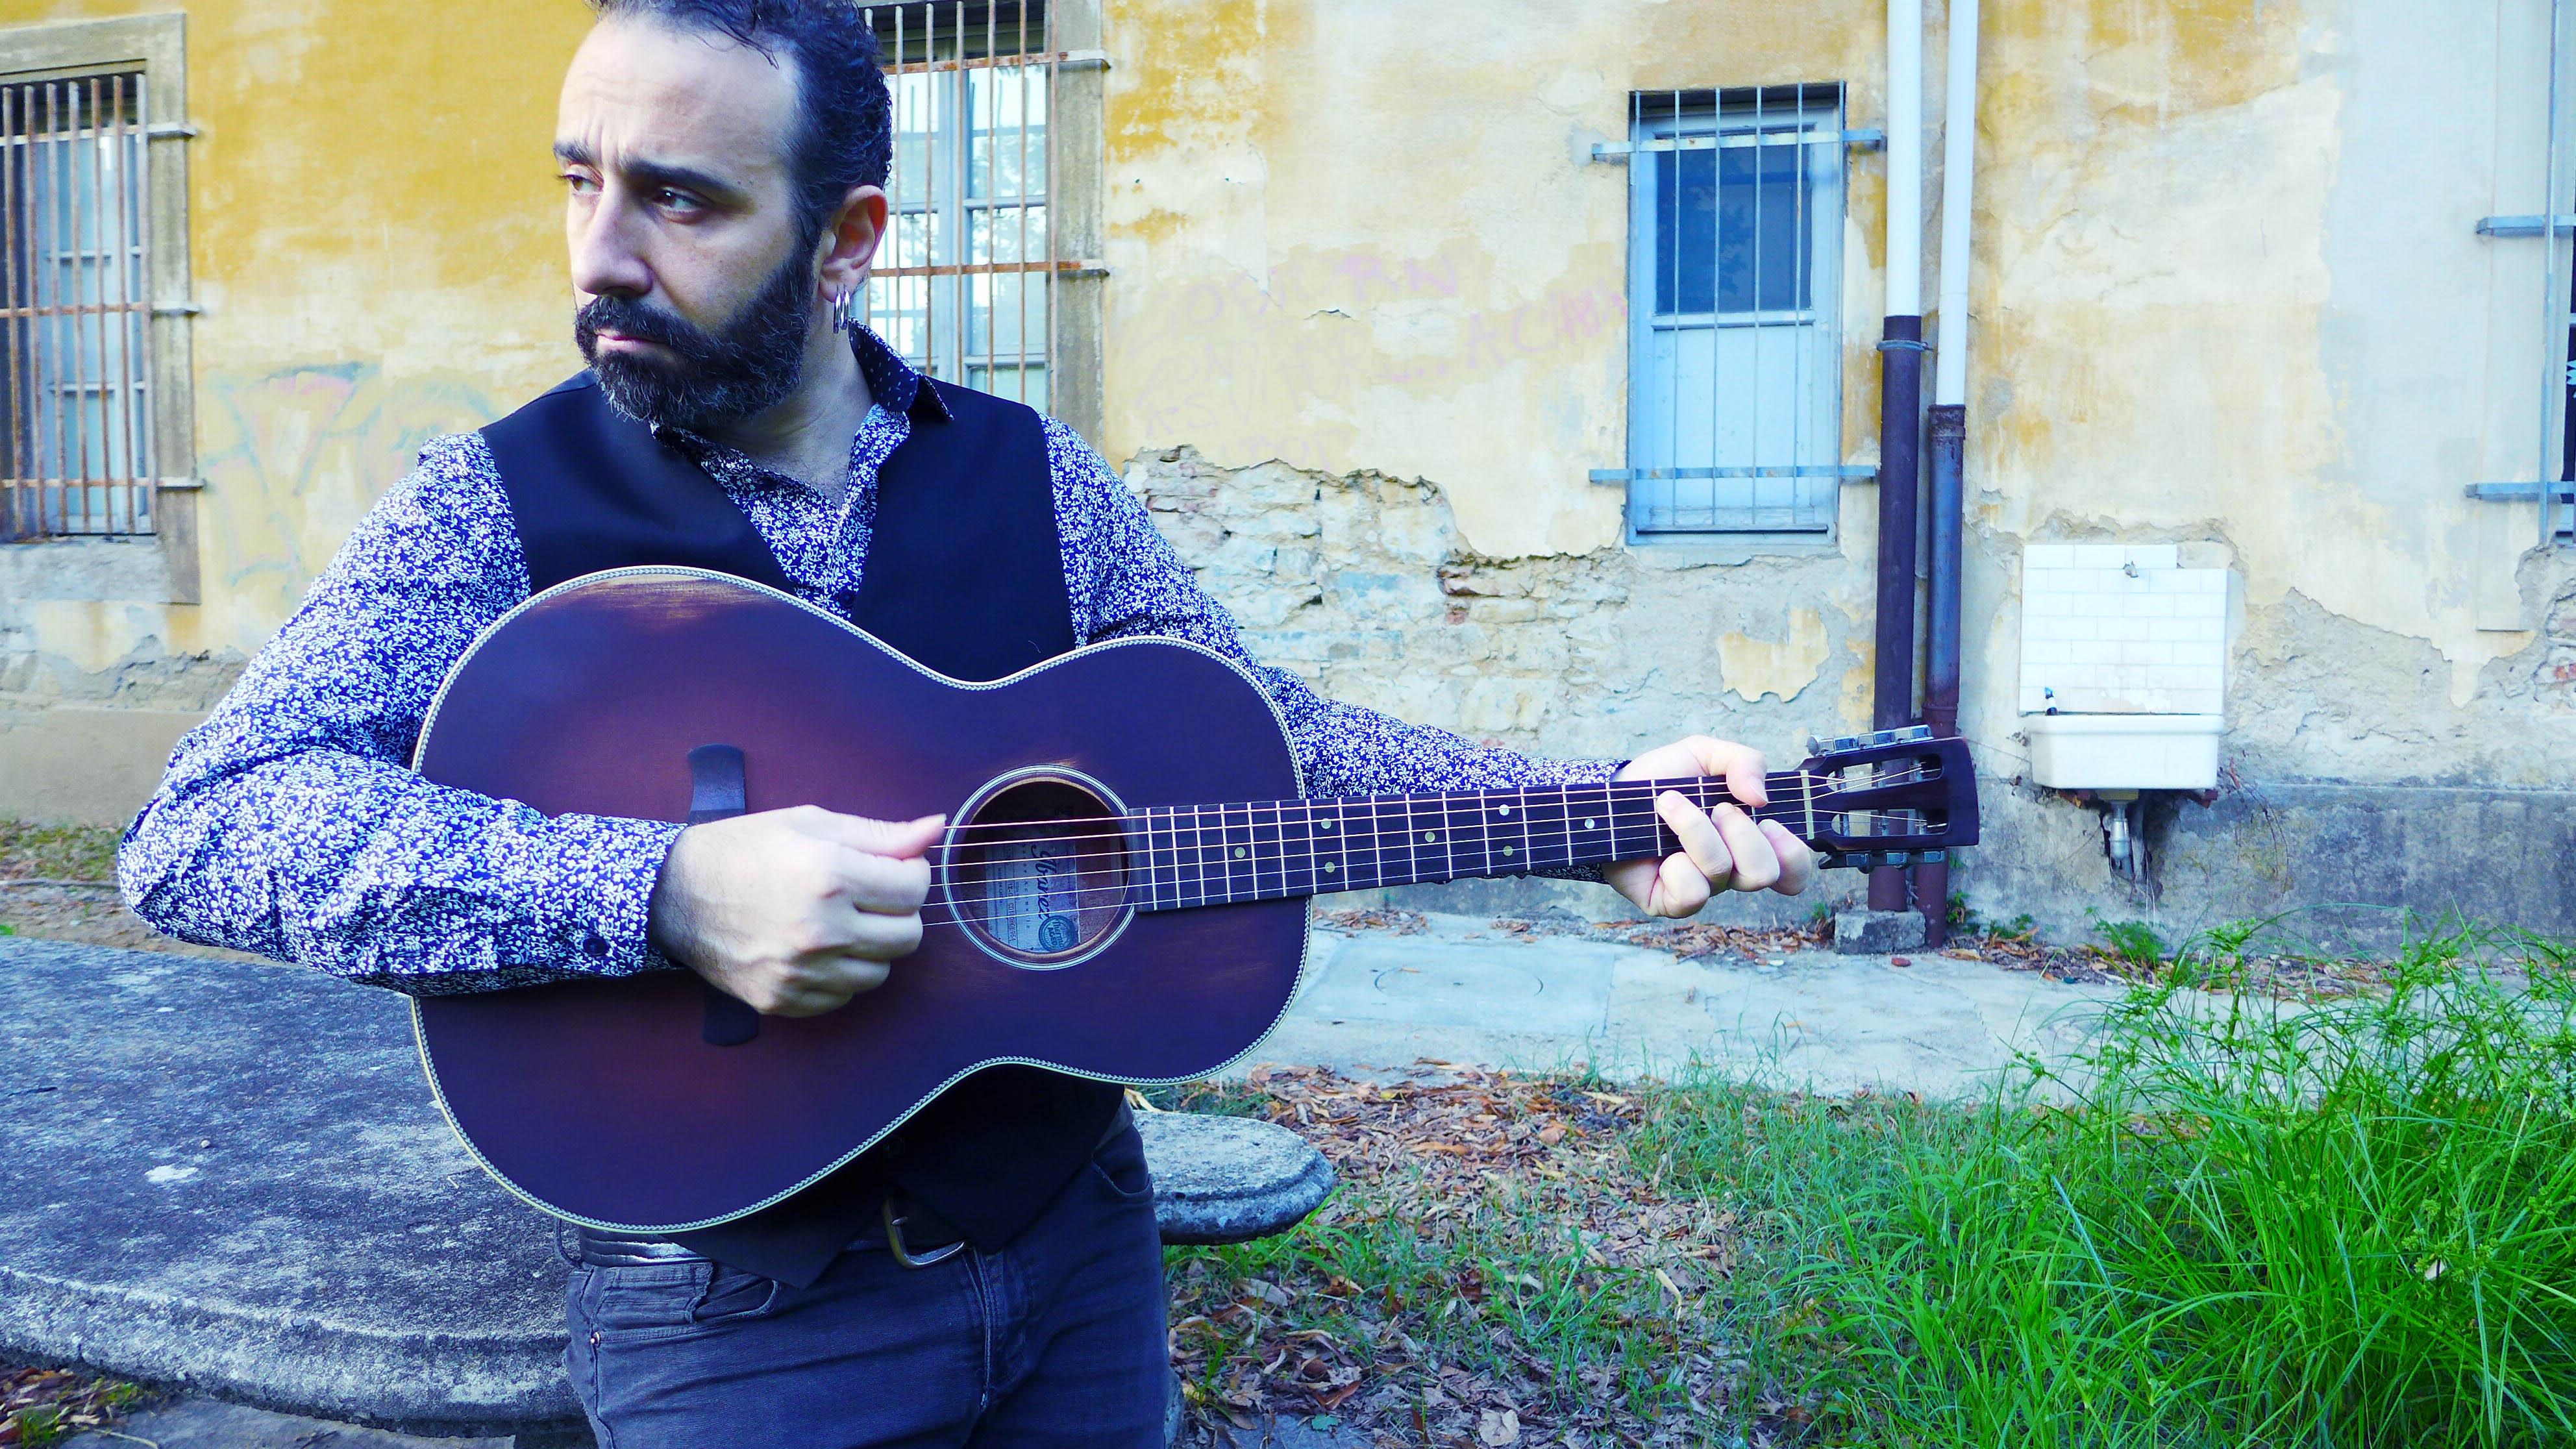 Intervista Massimiliano Larocca: istruzioni per uscire dai nostri inferni personali